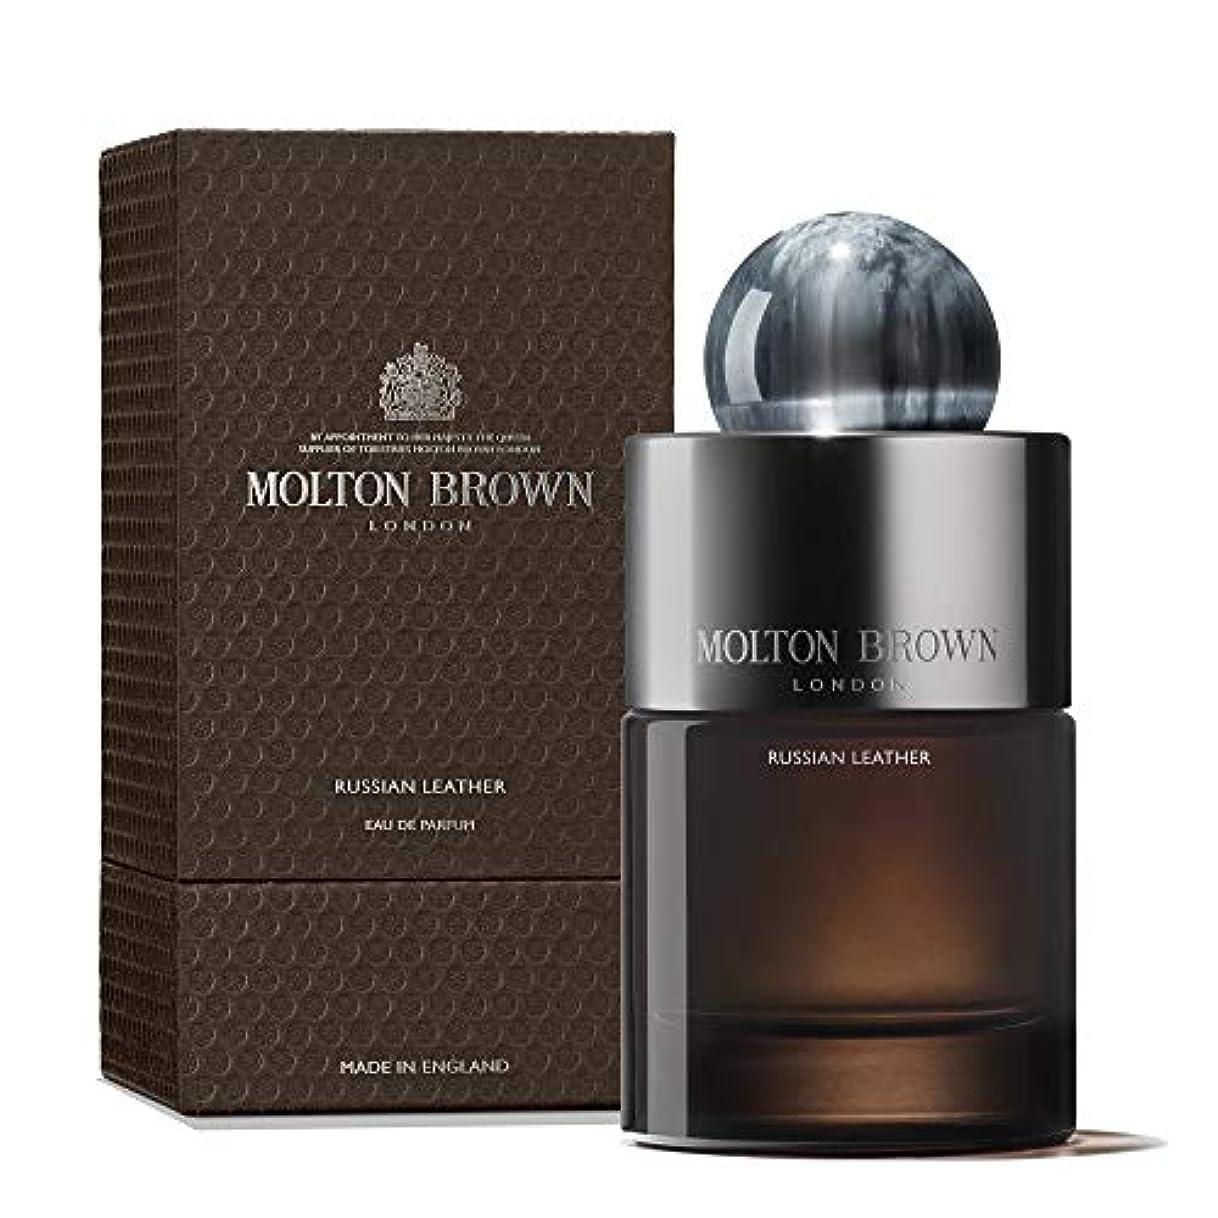 広告ストレス九MOLTON BROWN(モルトンブラウン) ロシアンレザー コレクション RL オードパルファン